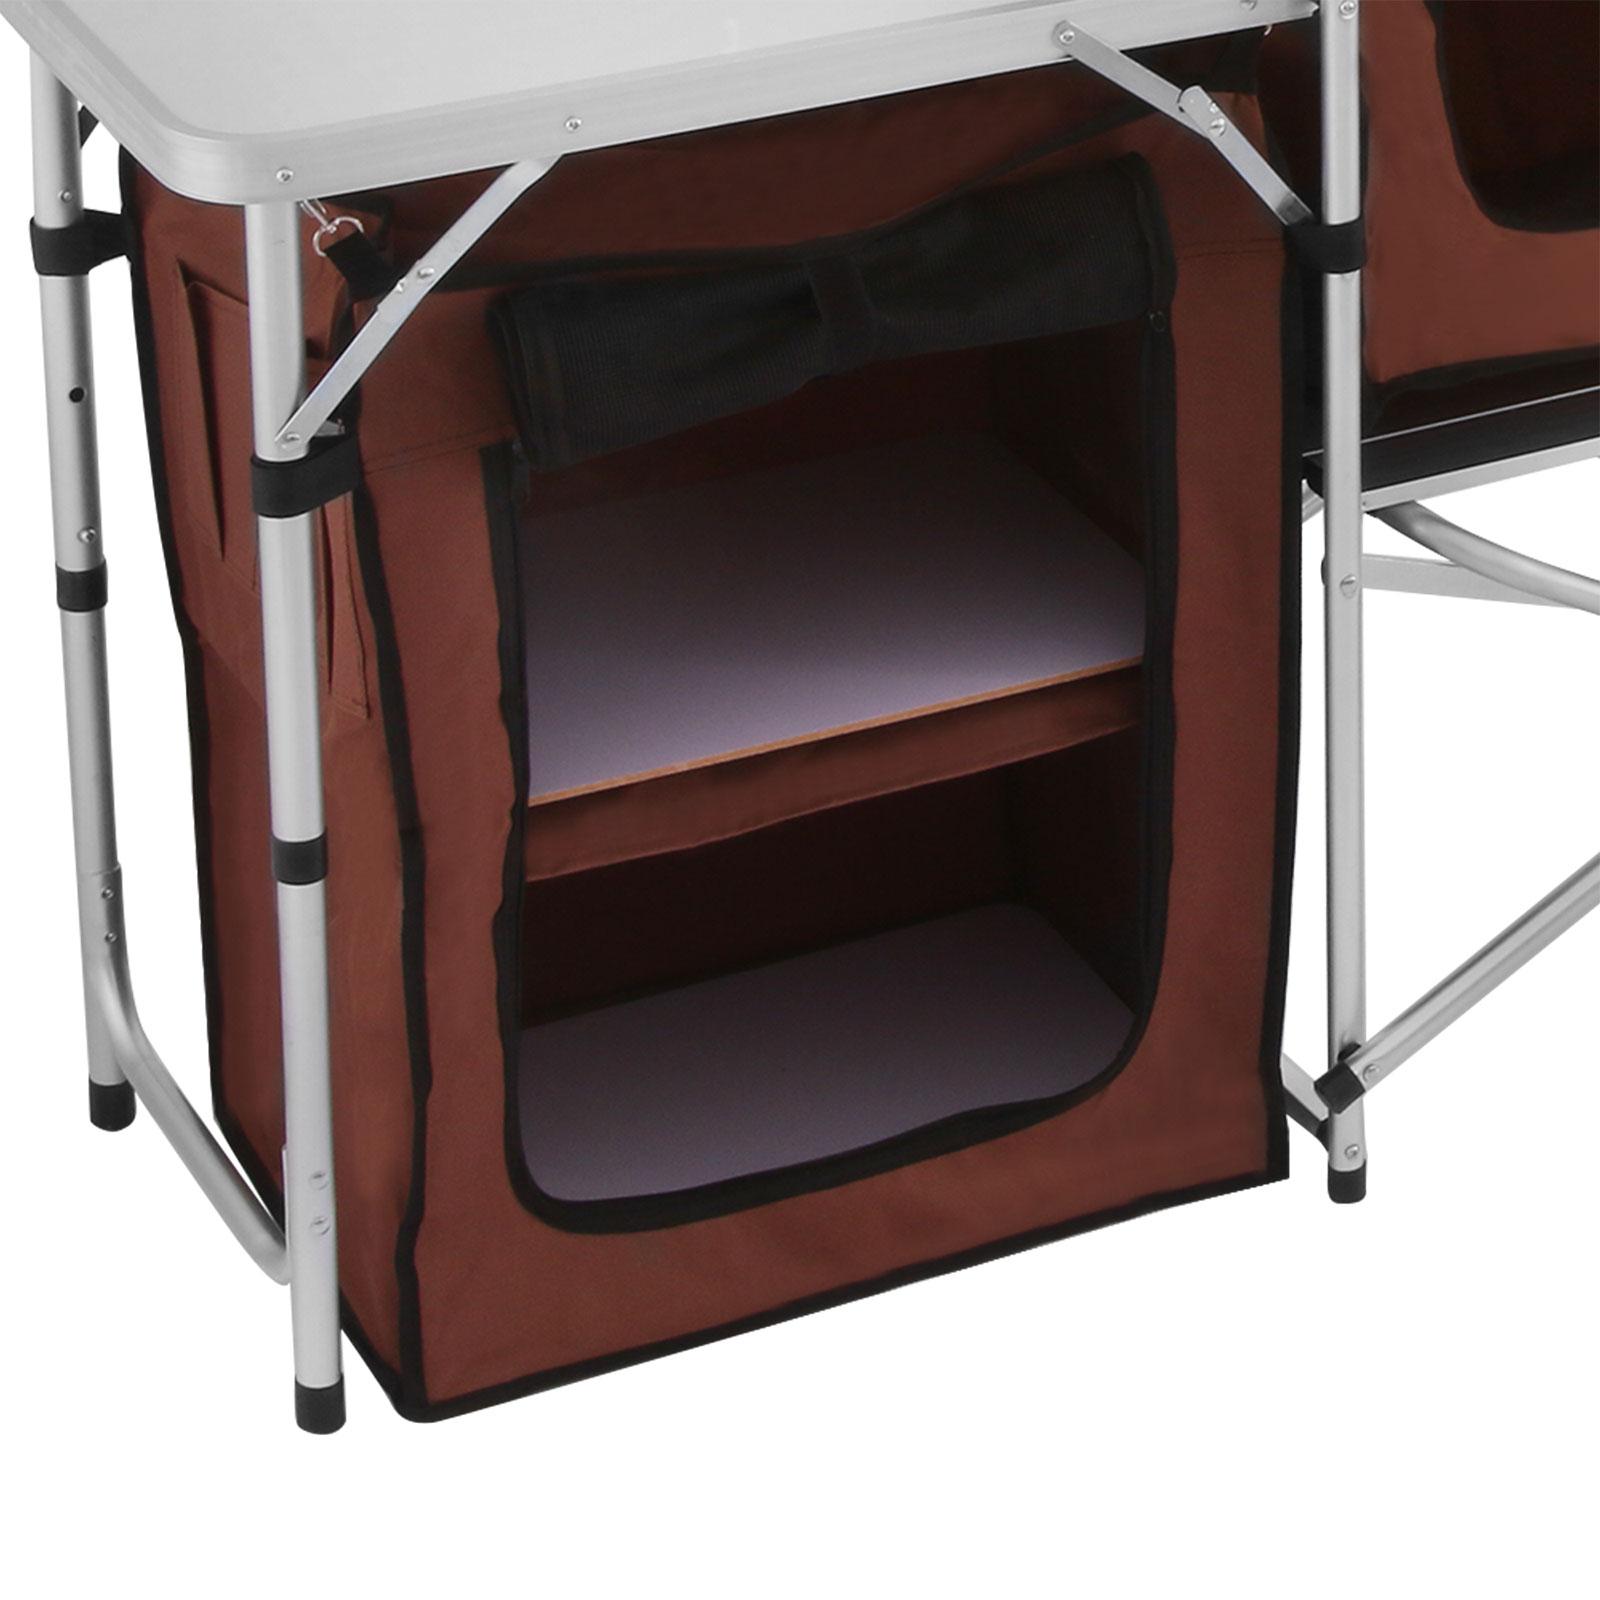 Pliable-Cuisine-de-Camping-Meuble-de-Rangement-Portable-Exterieur-Cuisine miniature 10